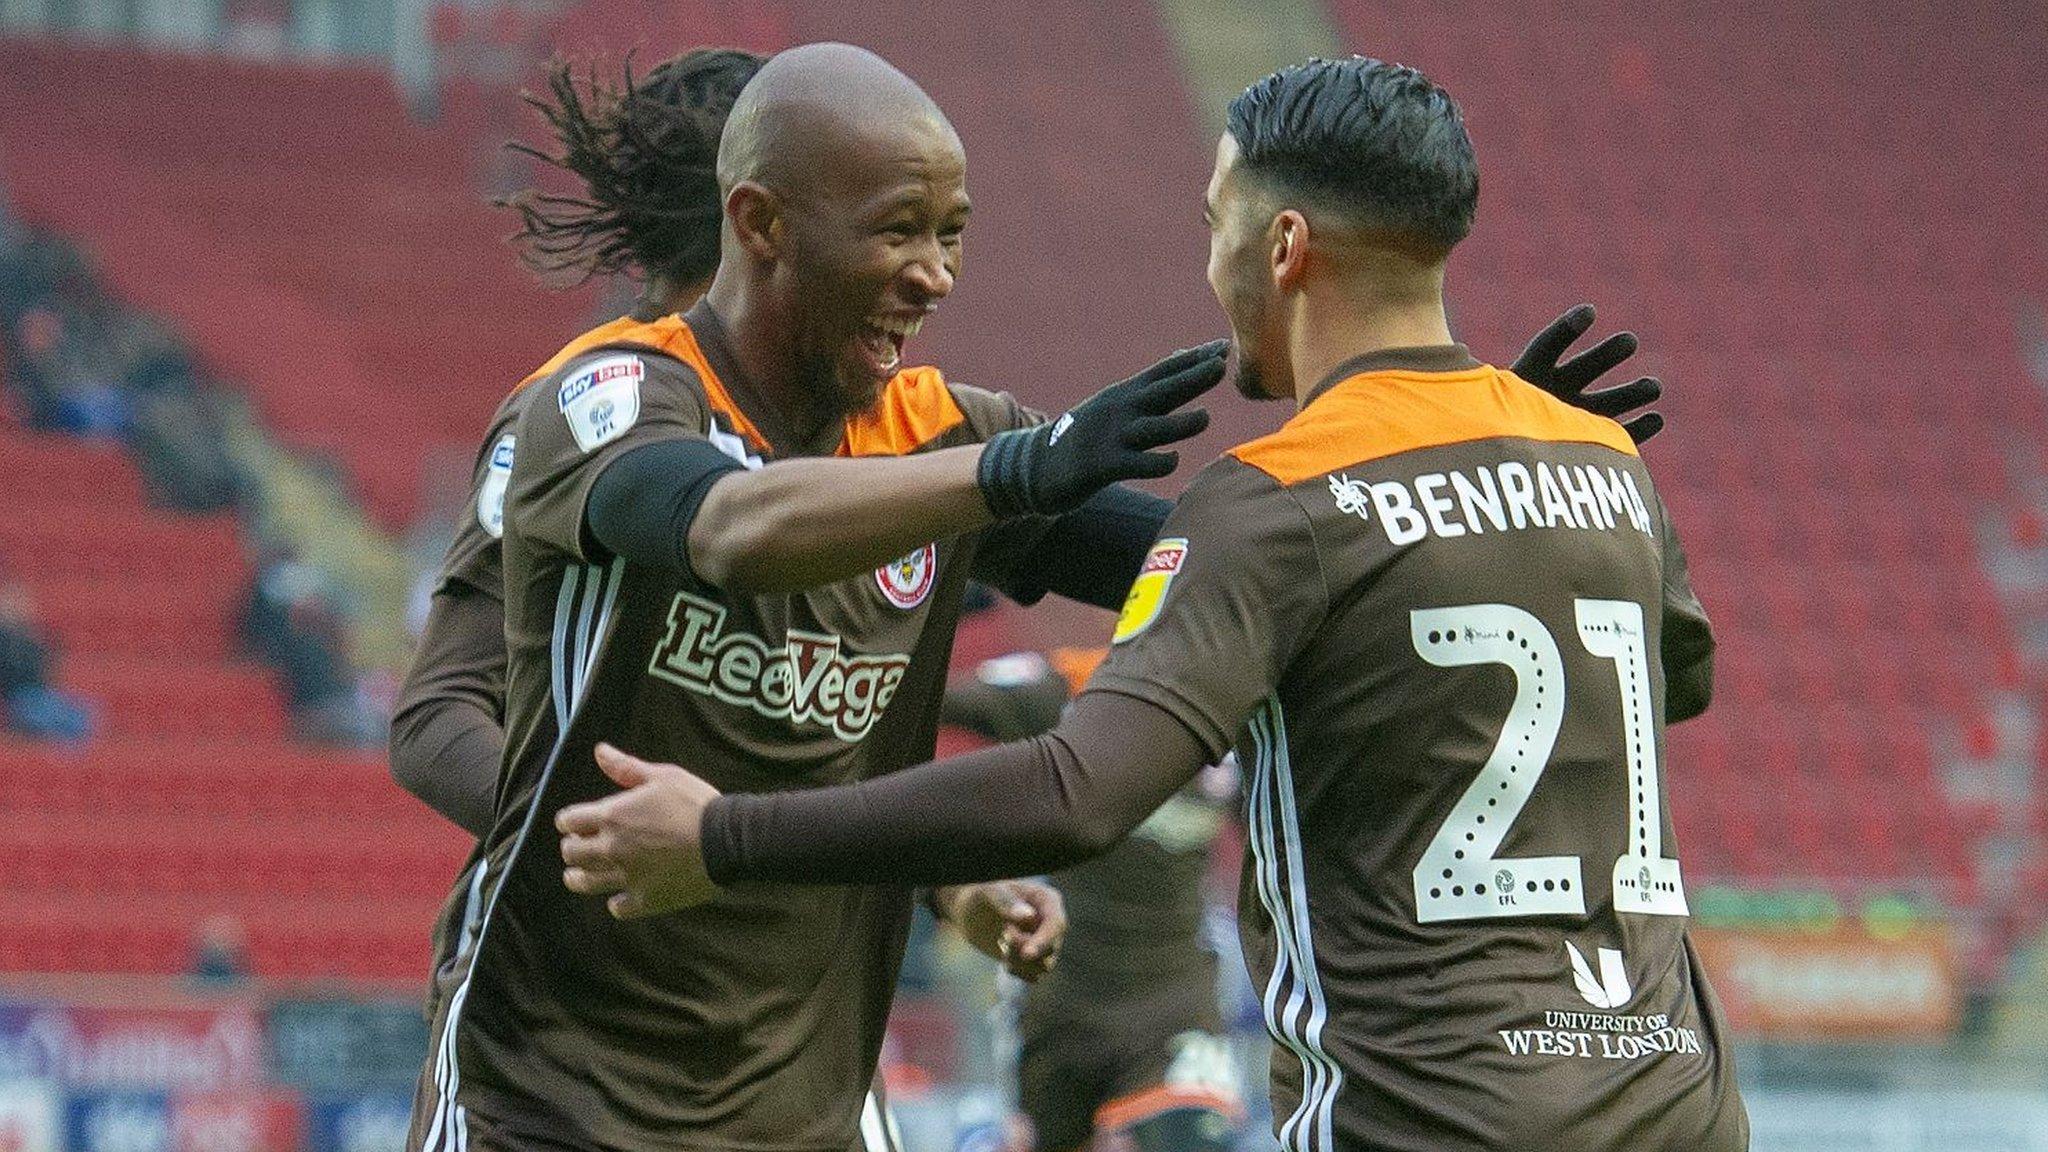 Rotherham United 2-4 Brentford: Kamohelo Mokotjo bags brace as Bees beat Millers